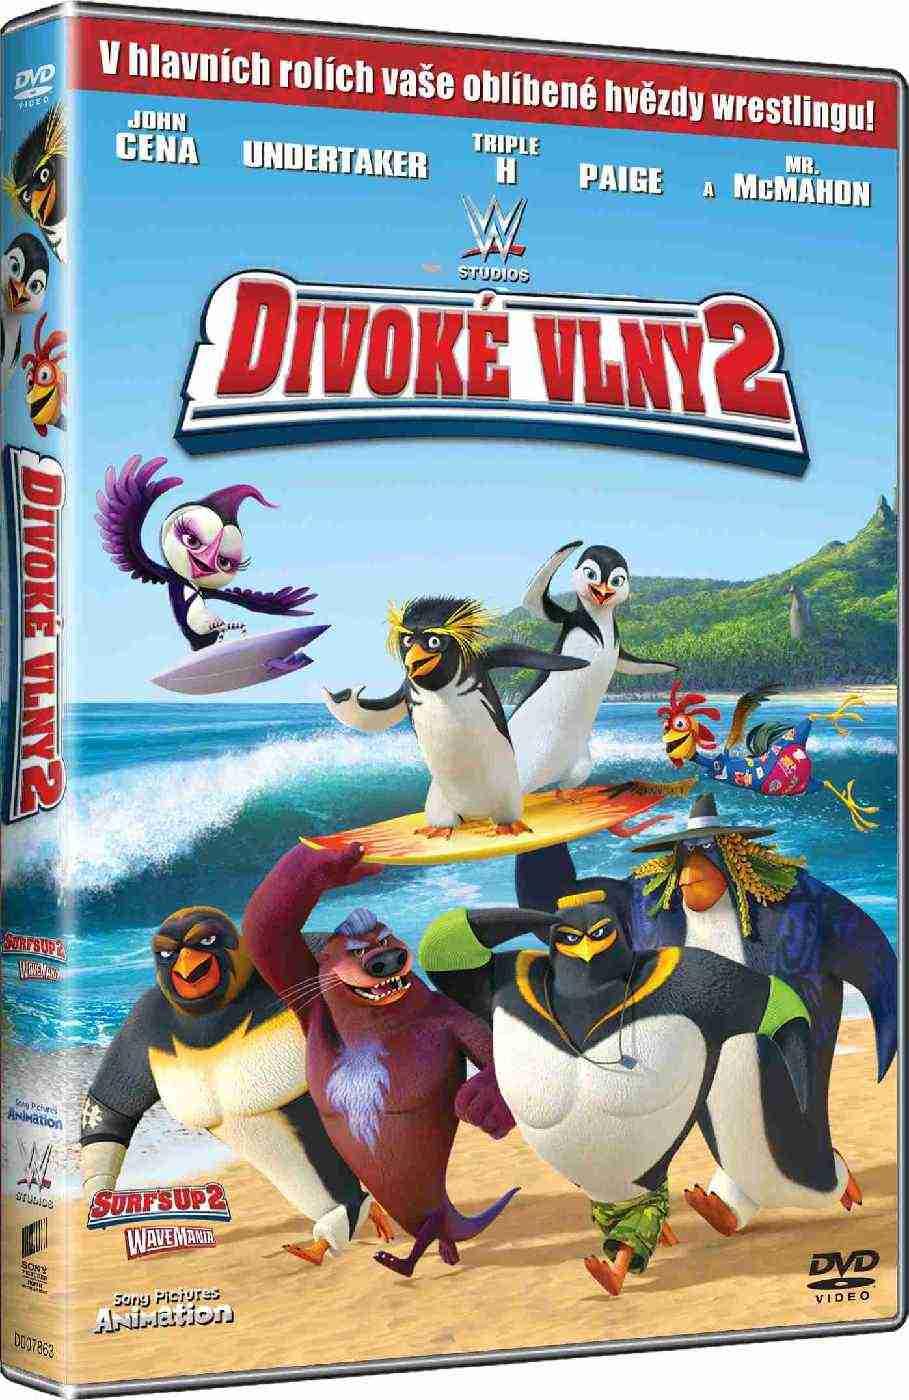 DIVOKÉ VLNY 2 - DVD